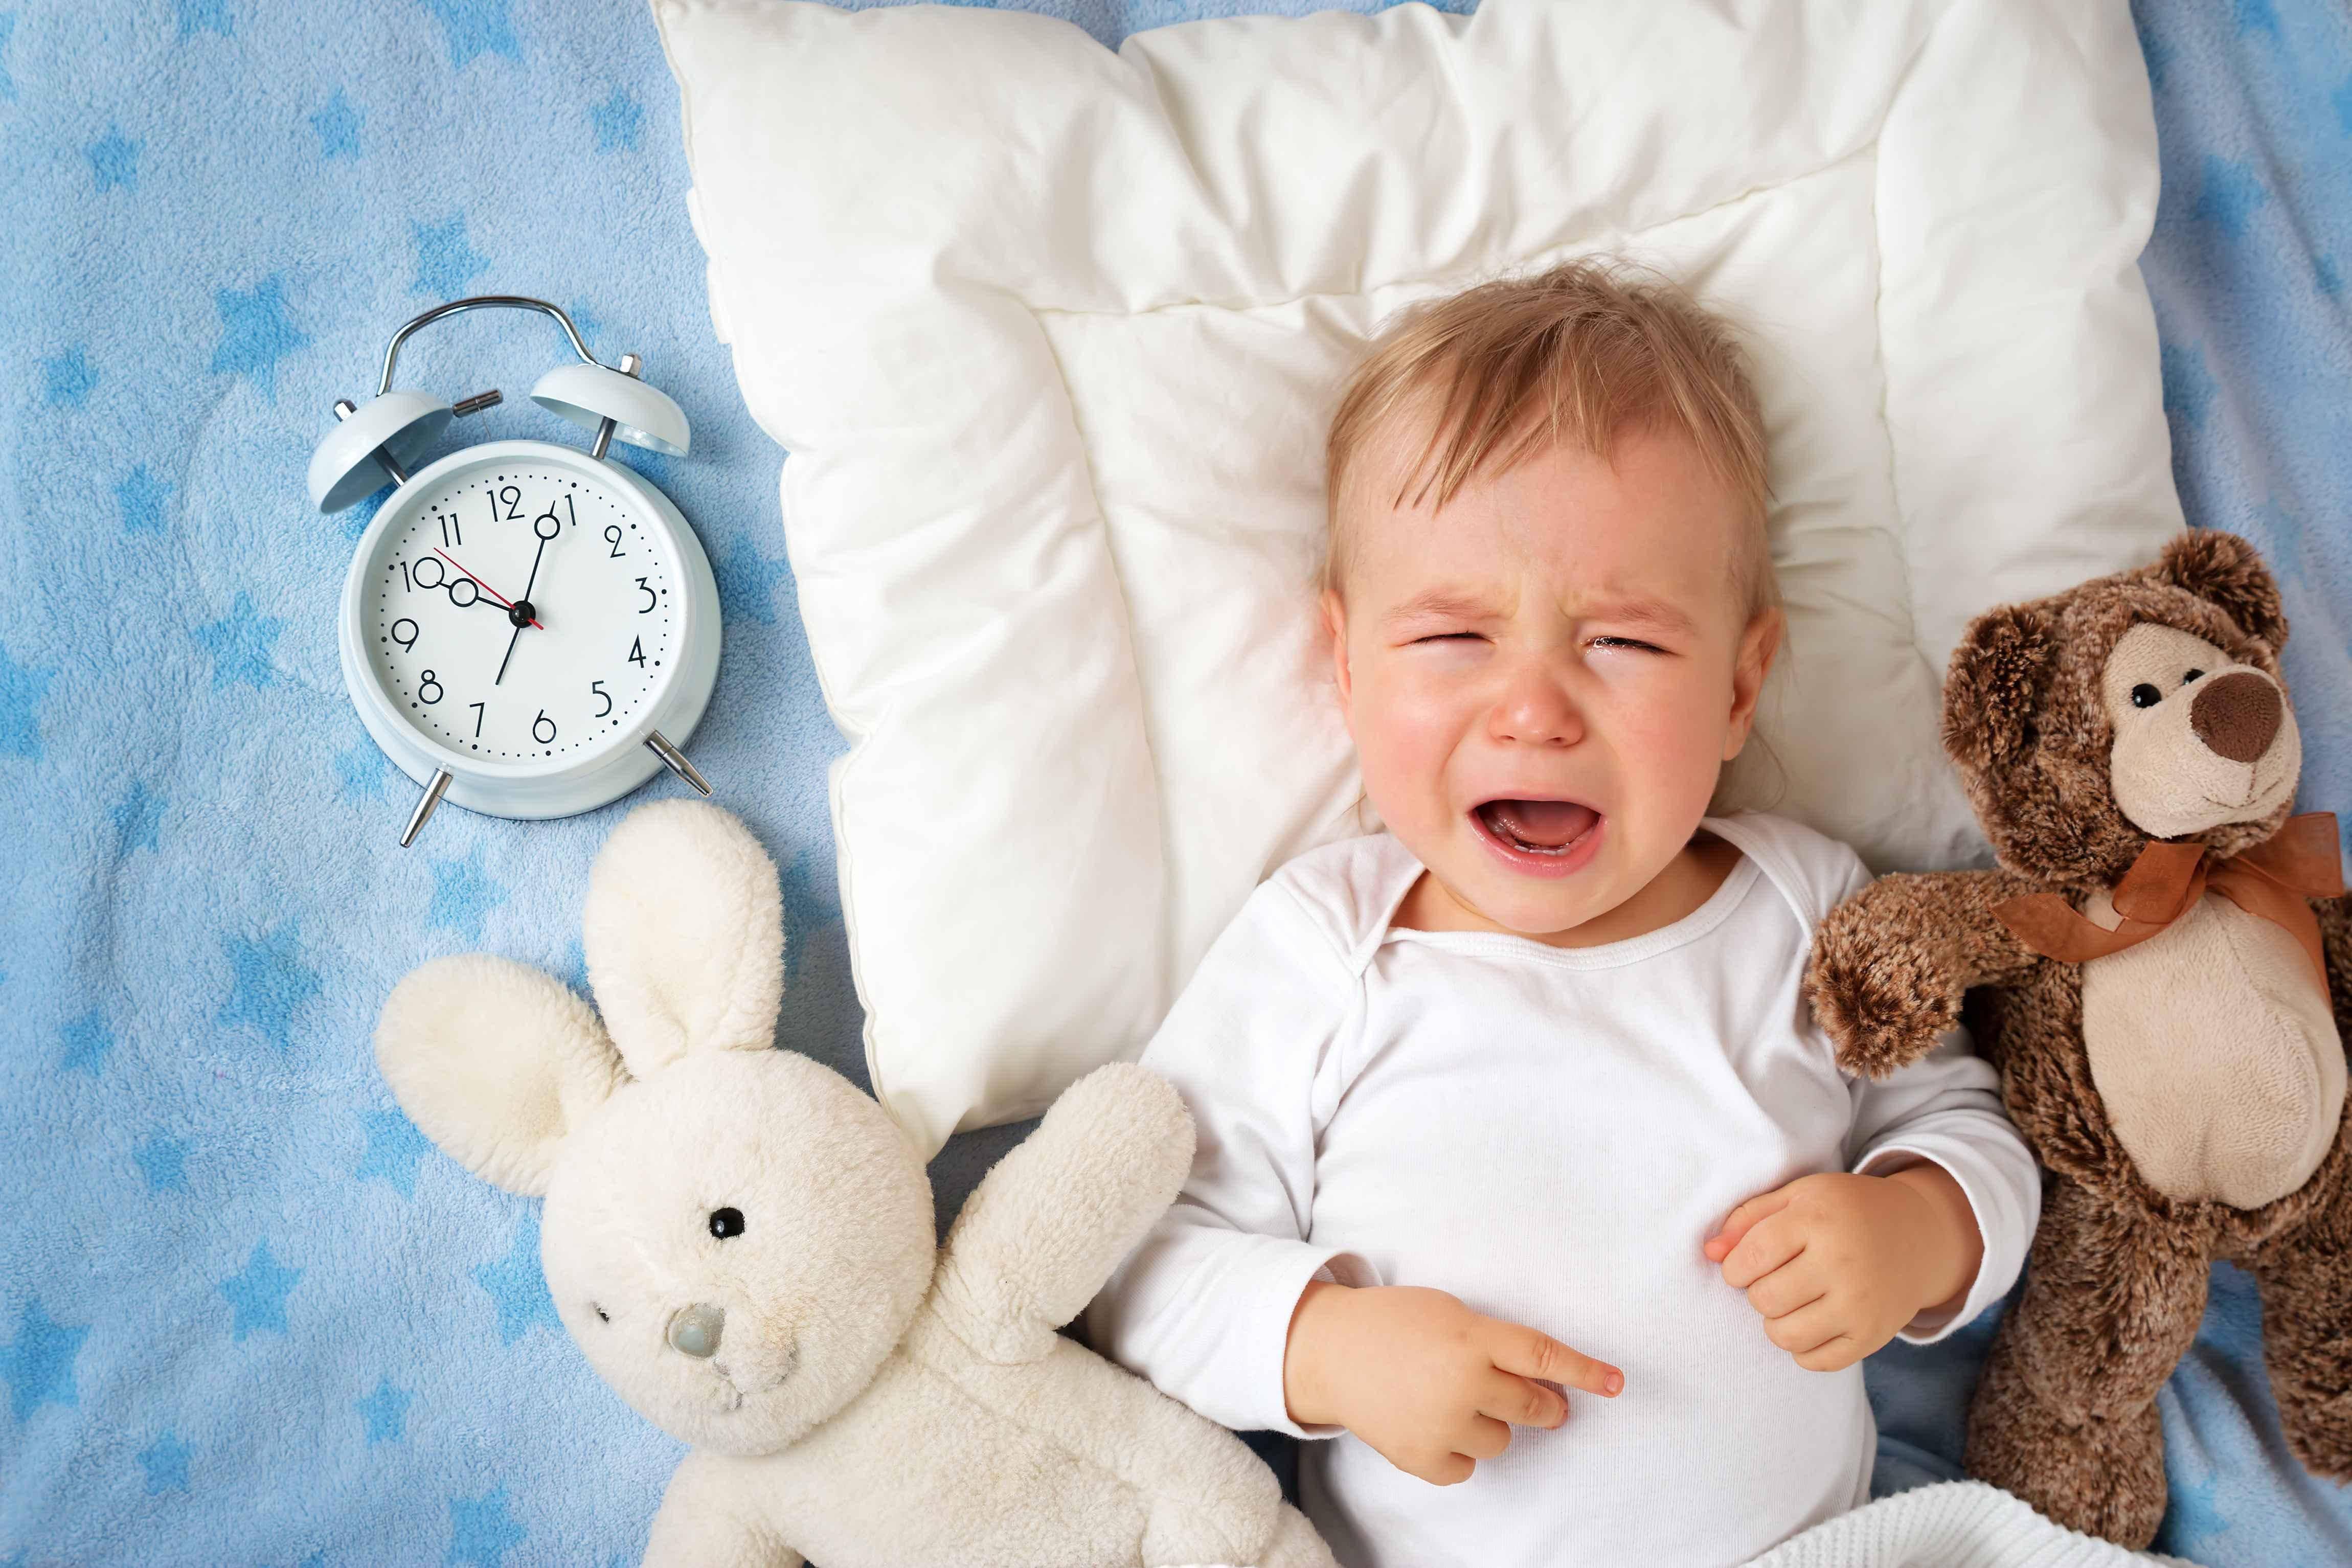 孩子睡前可以常吃这些食物,不仅睡得安稳,还利于身高、大脑发育  第8张